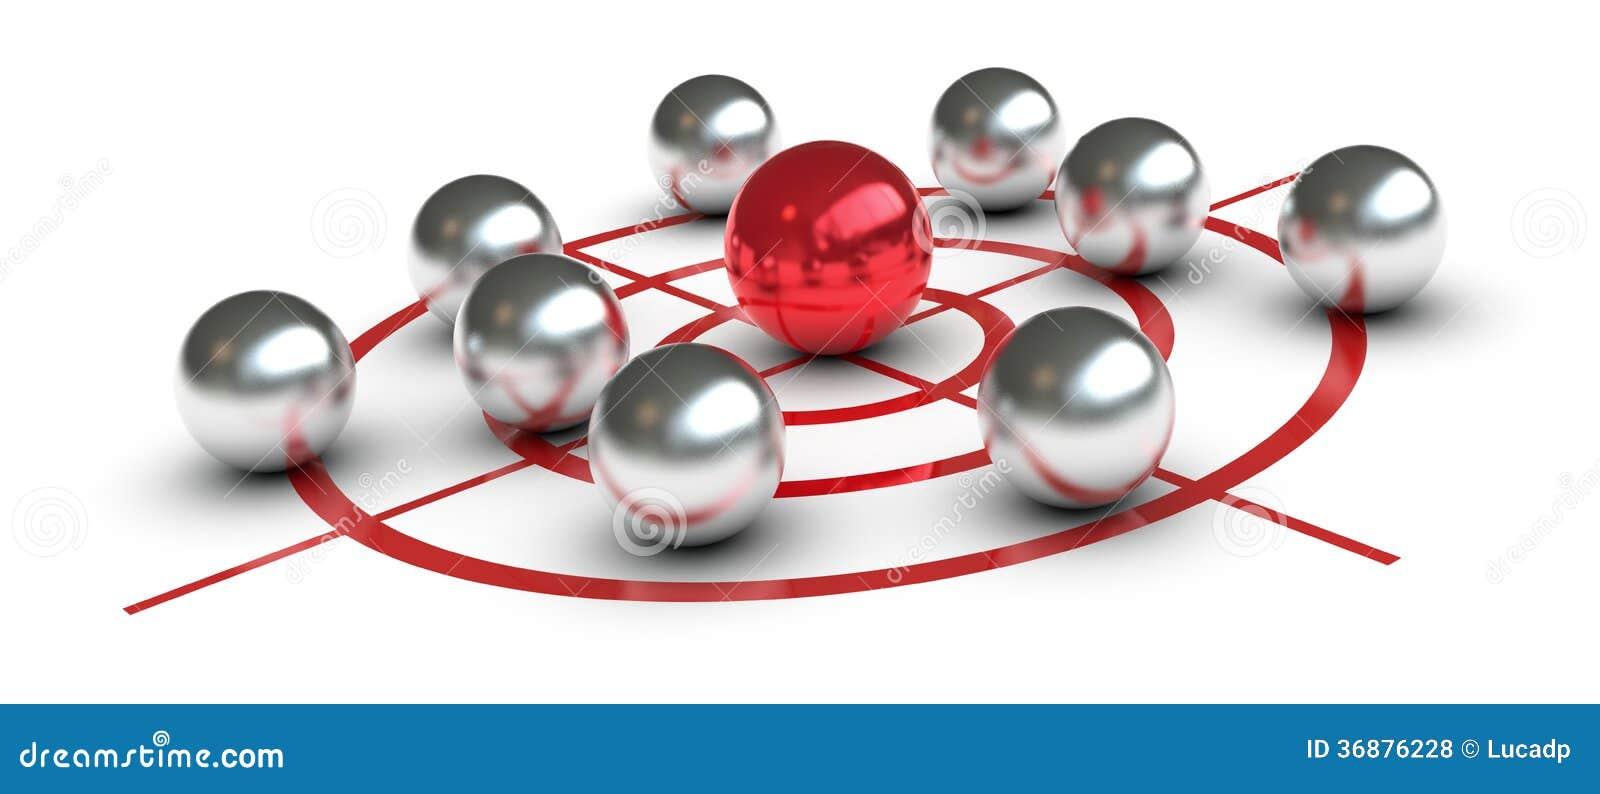 Konzept der Herausforderung und der Führung